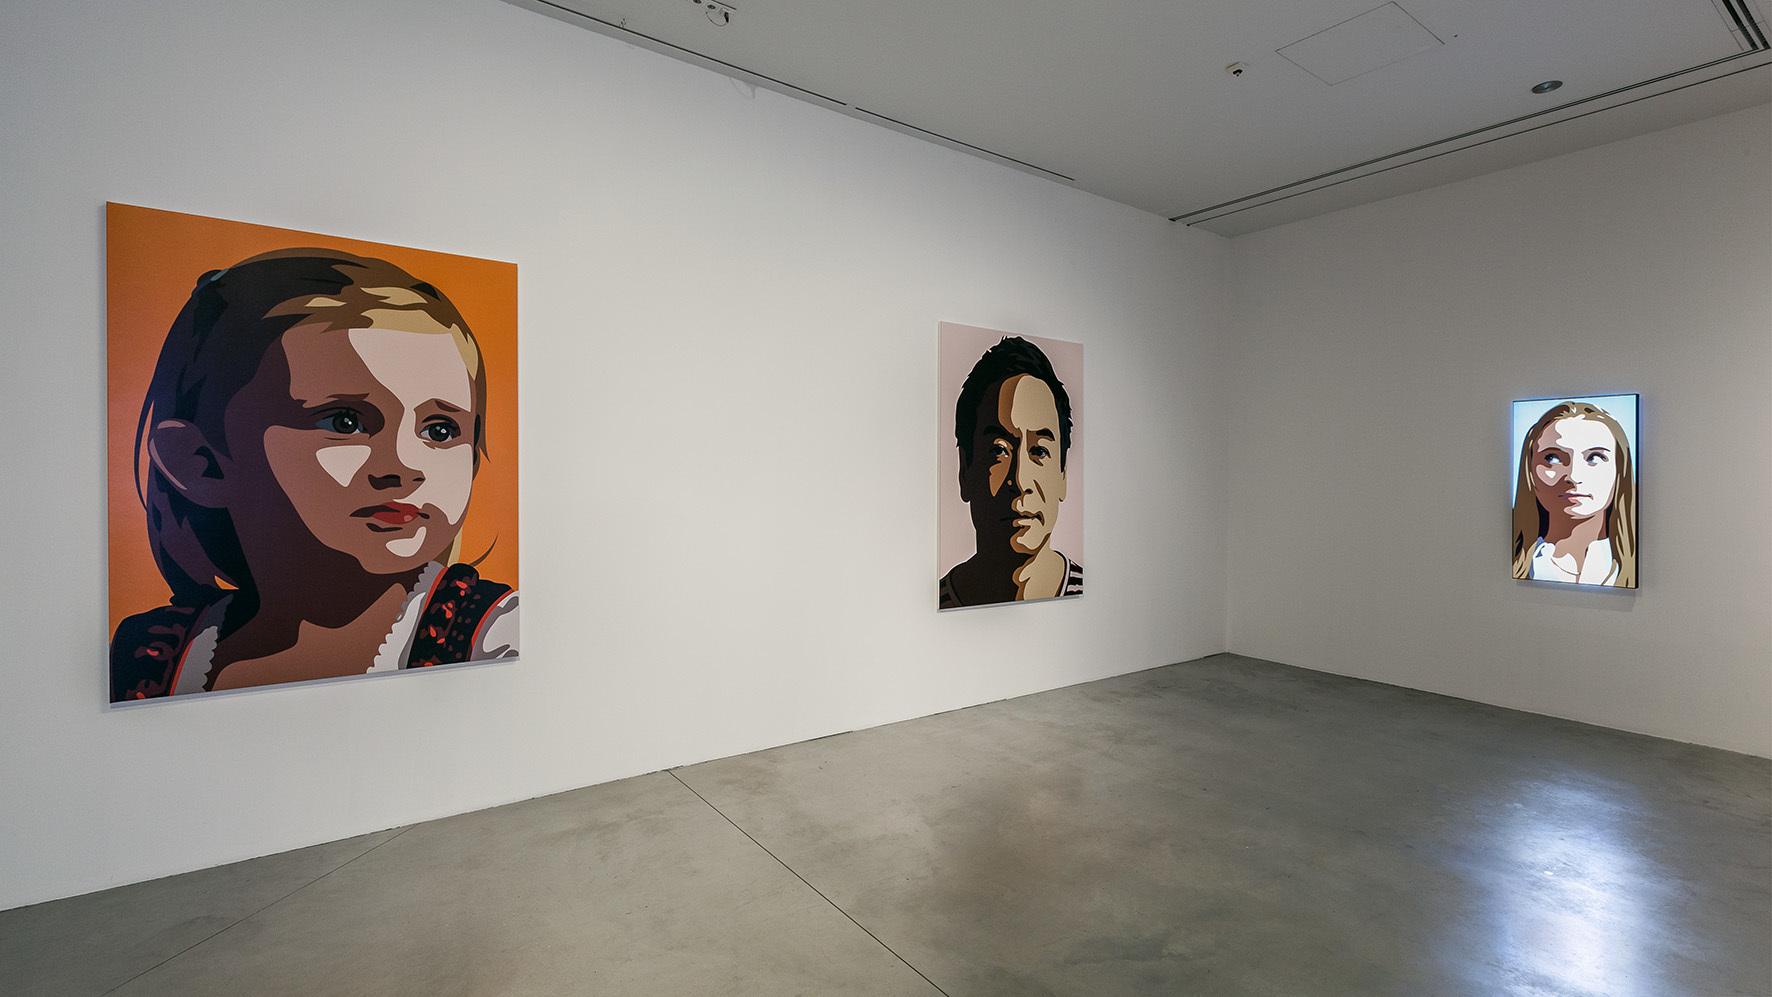 Julian Opie, Rzeźby, obrazy, filmy, widok nawystawę